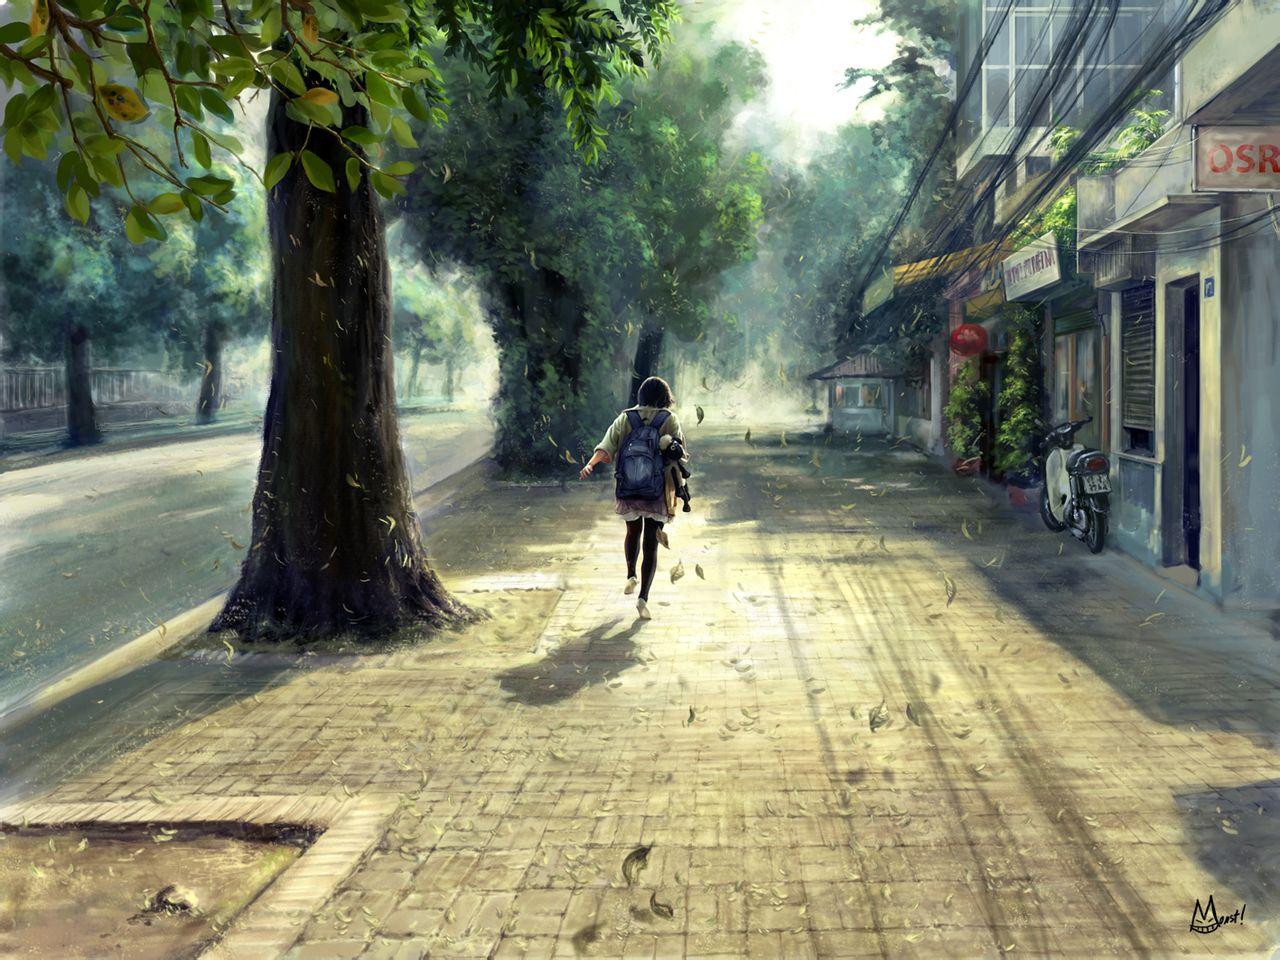 求一个小女孩背着蓝色书包放学回家路上奔跑的背影的高清壁纸.thanks